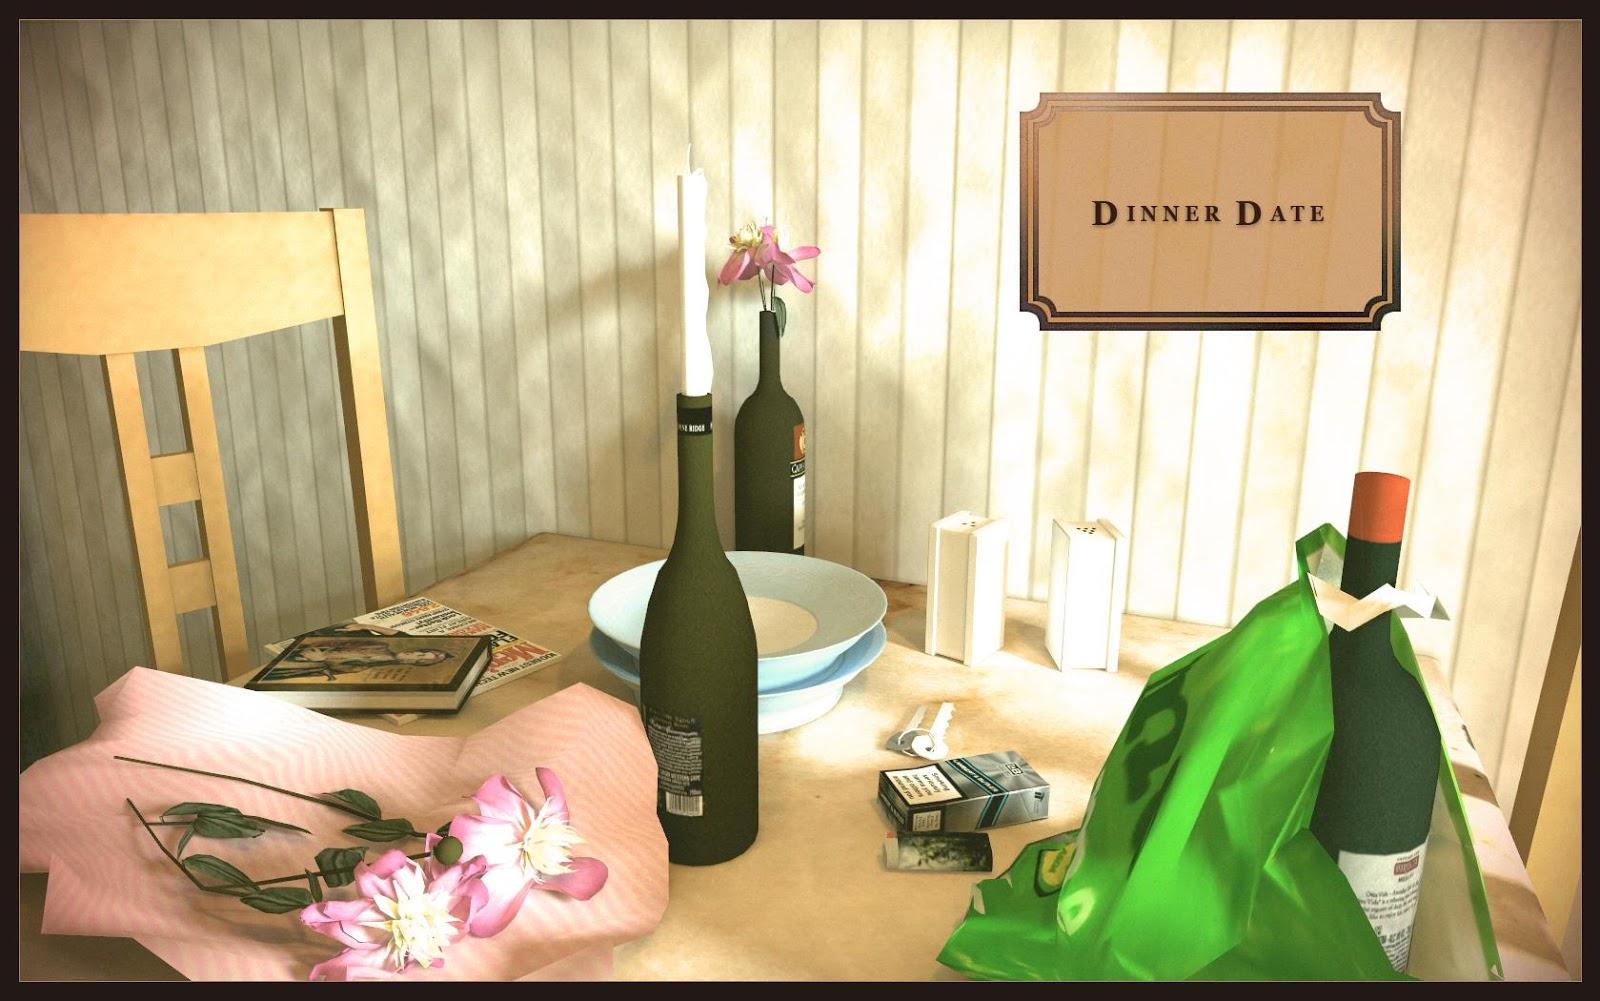 Dinner Date Start